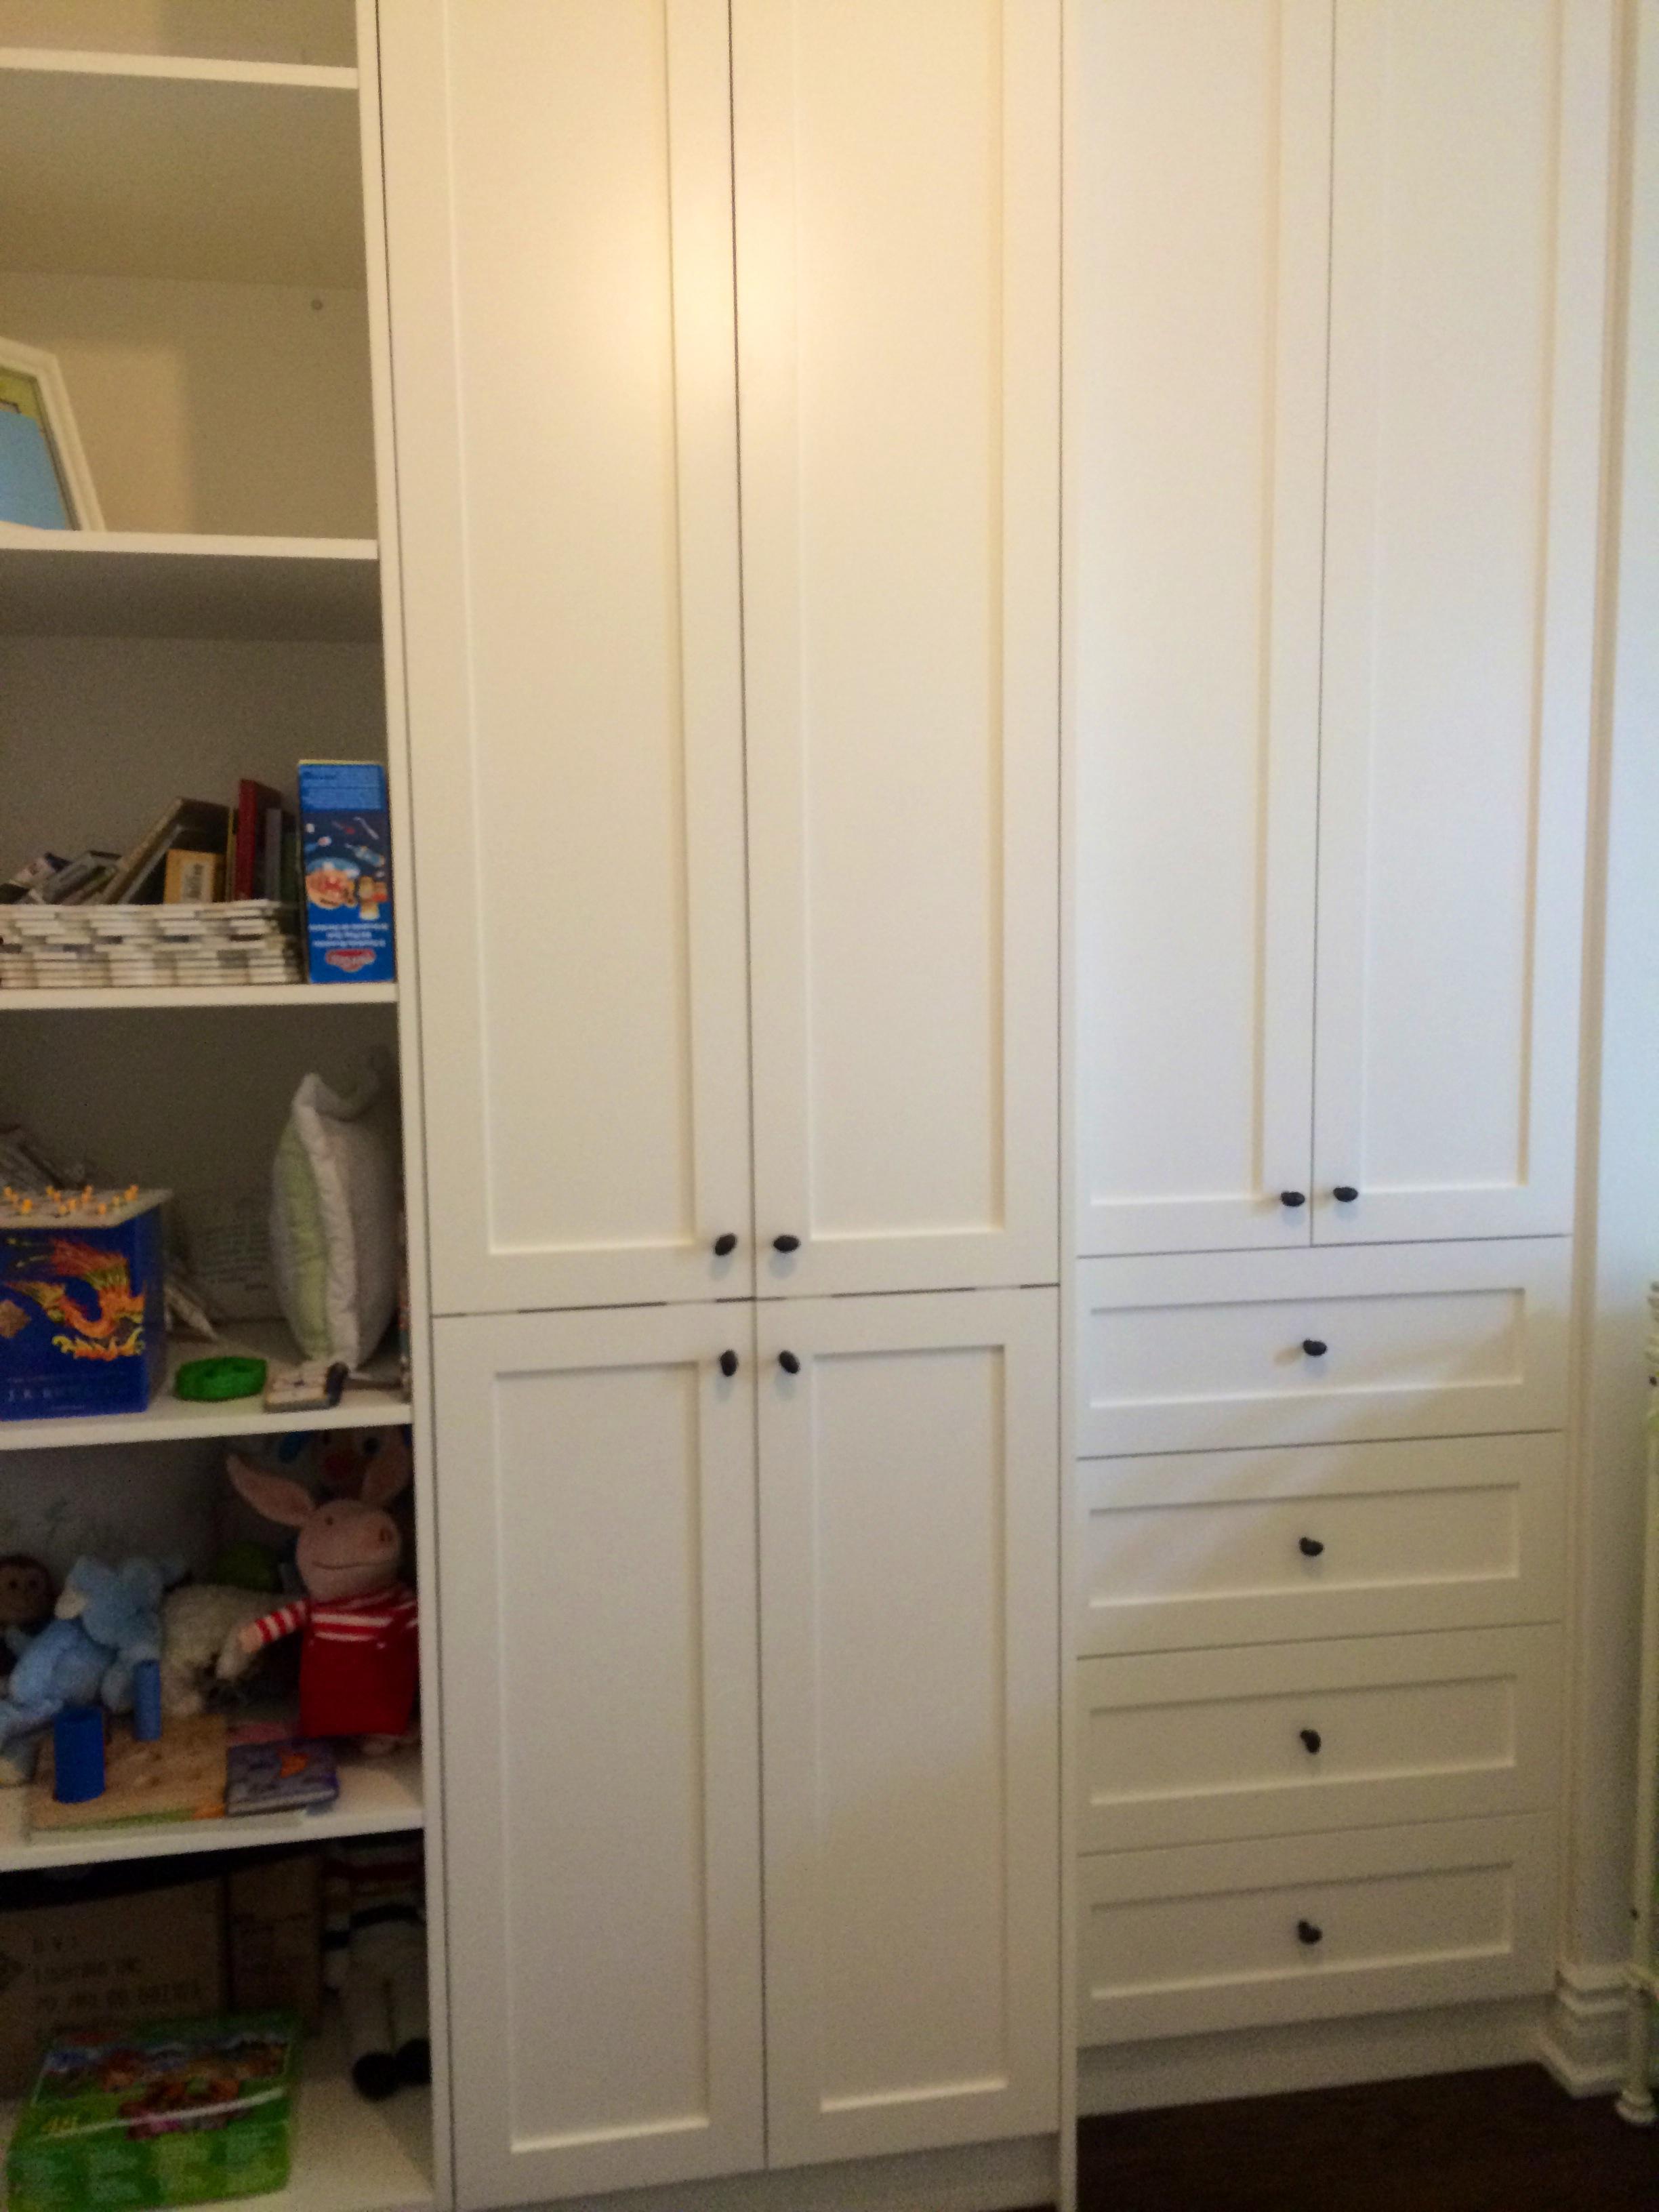 babies-room-closet_15303406598_o.jpg